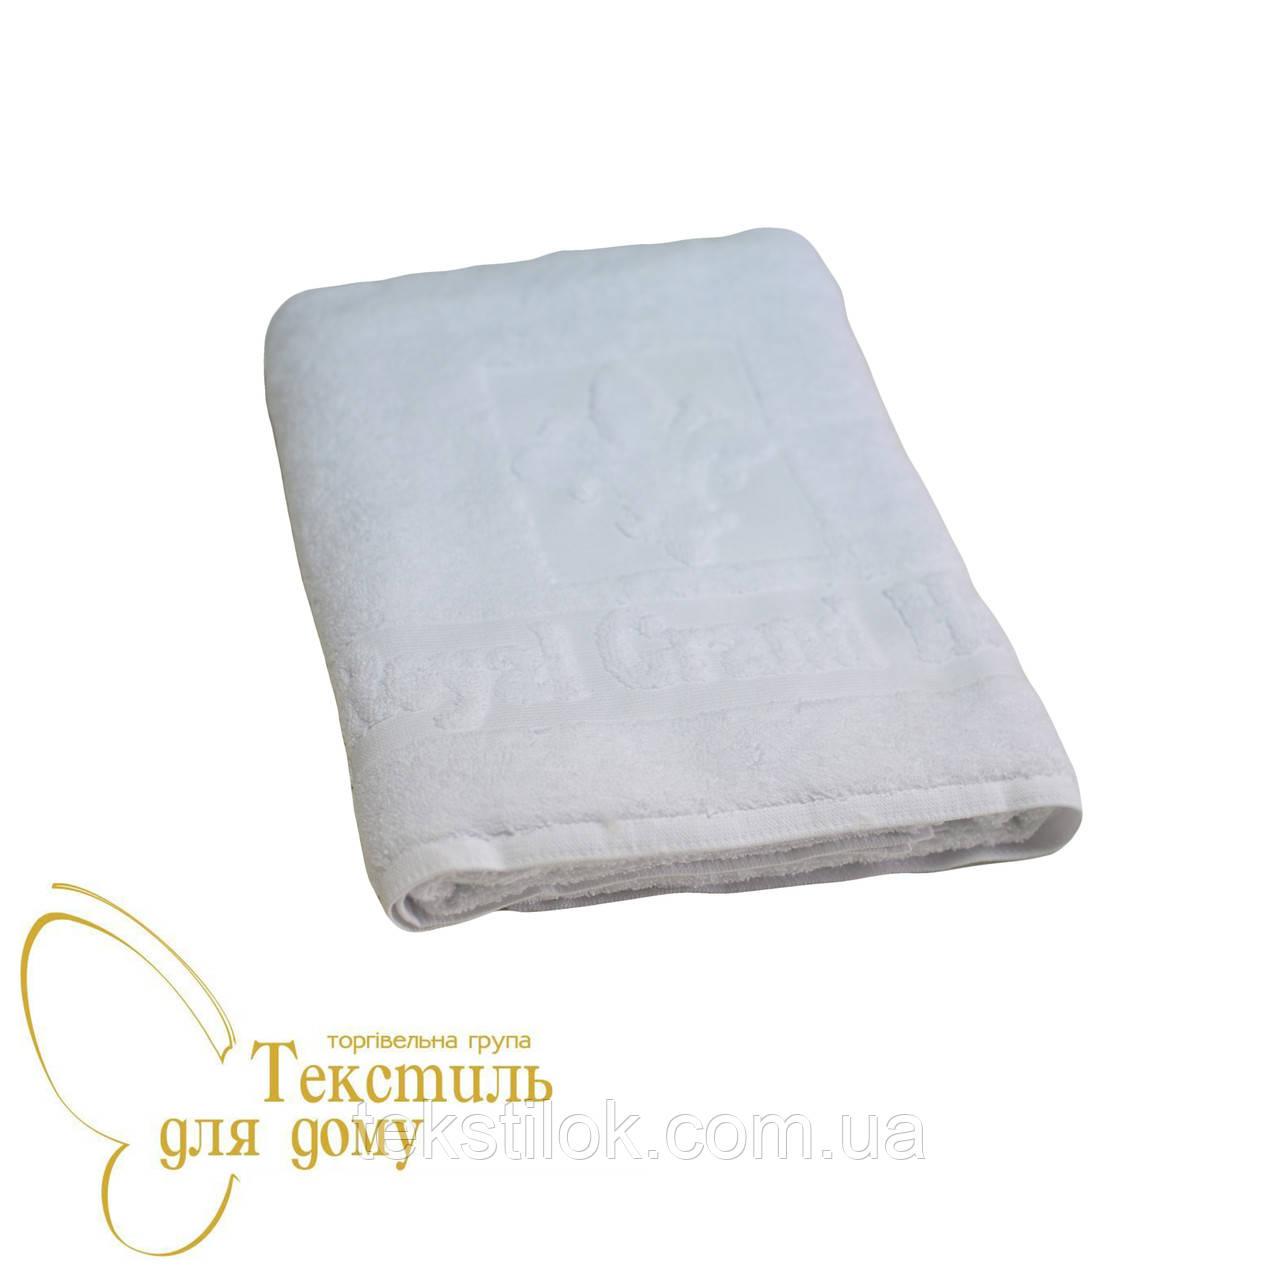 Полотенце банное 70*140, 600 гр/м2, белое с логотипом